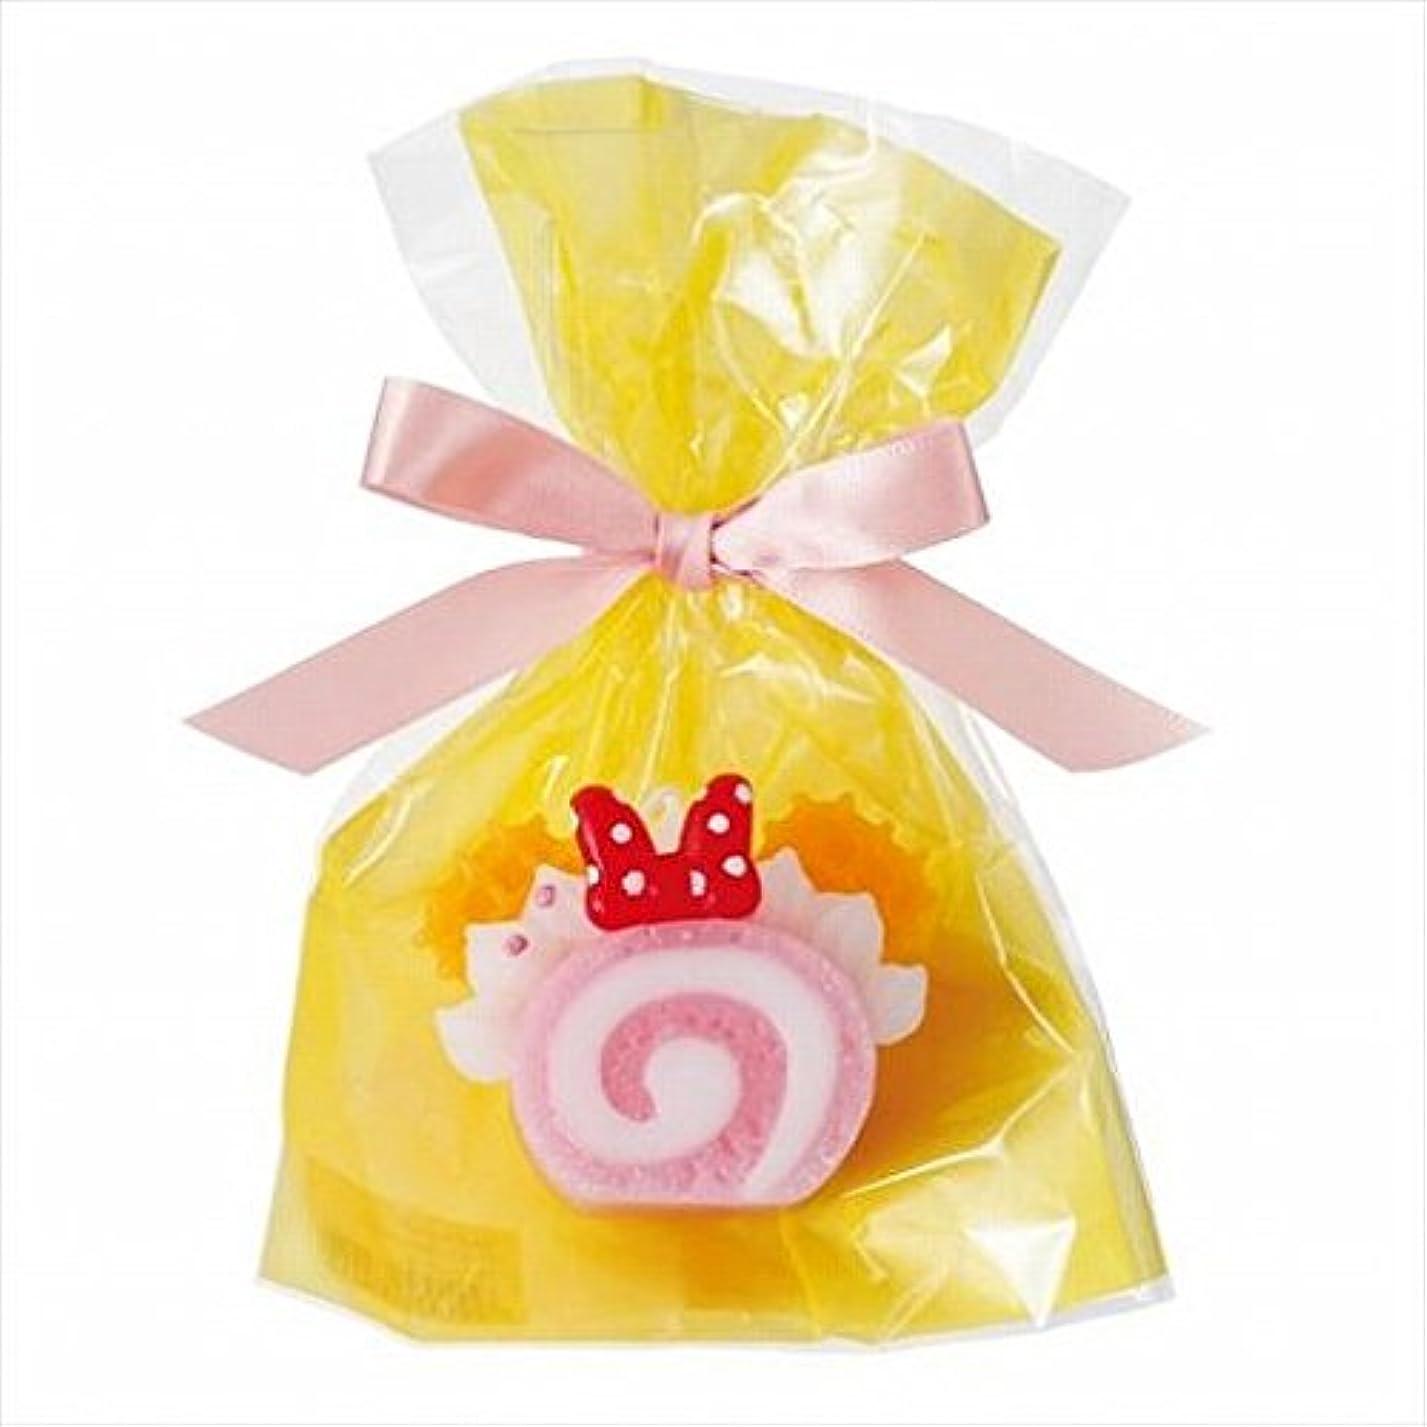 赤戦う遅滞sweets candle(スイーツキャンドル) ディズニースイーツキャンドル 「 ピンクロールケーキ 」 キャンドル 55x30x44mm (A4350030)